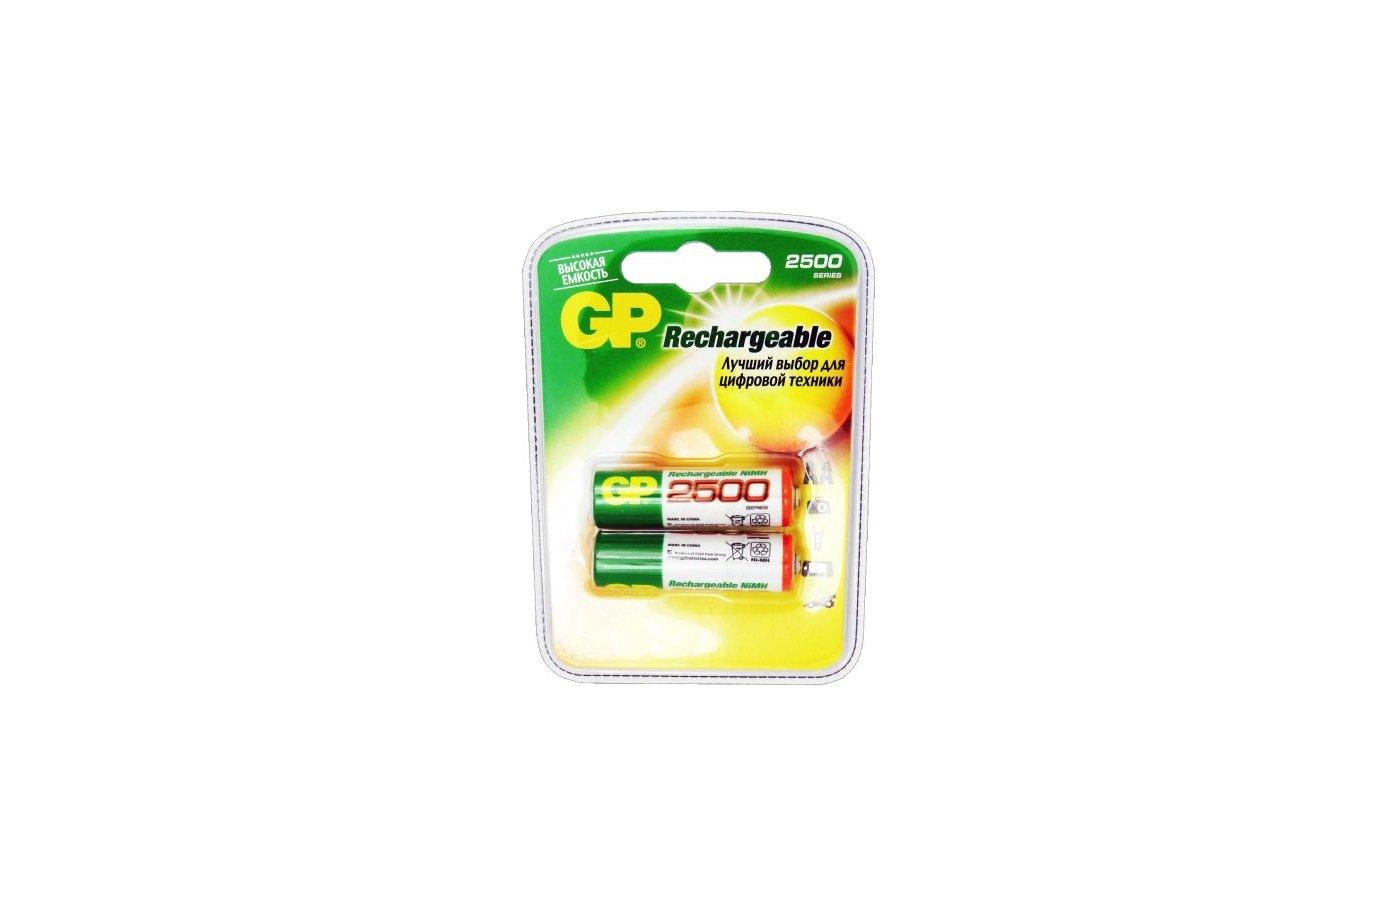 Аккумулятор GP AA 2500mAh Ni-Mh 2шт. (250AAHC-2DECRC2)